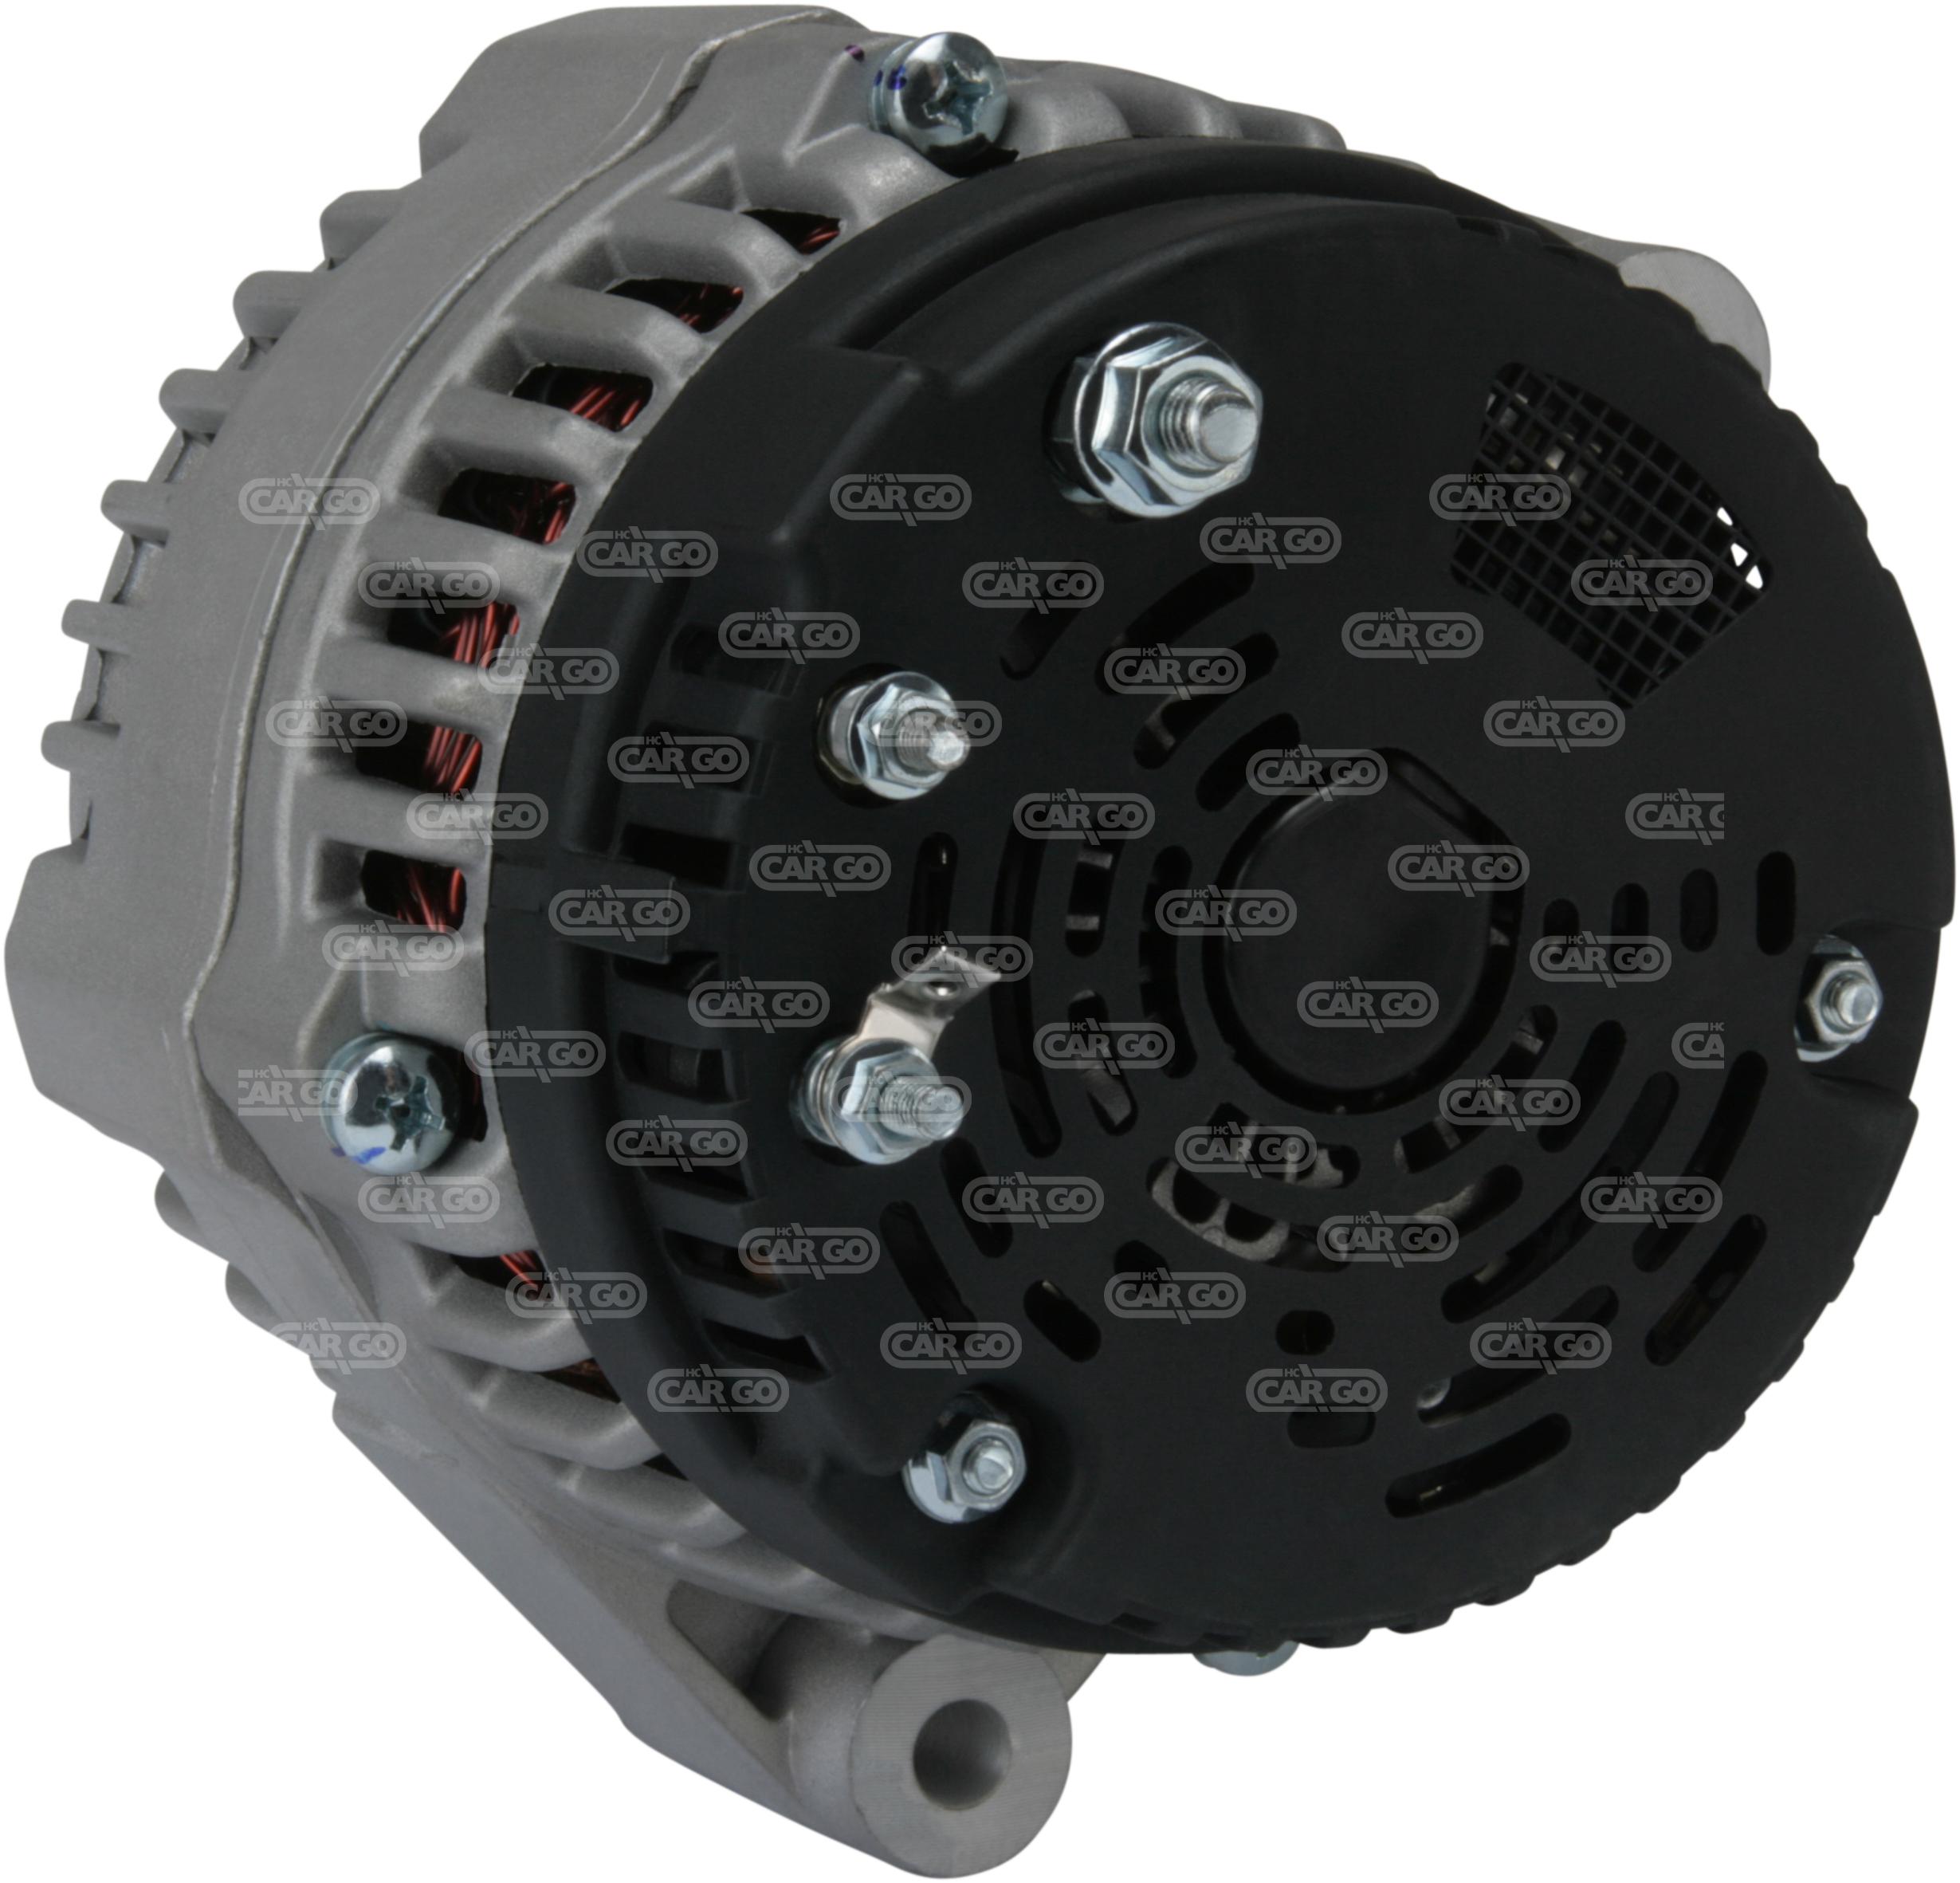 Alternateur 004 Voltage14 Amp150 BorneW